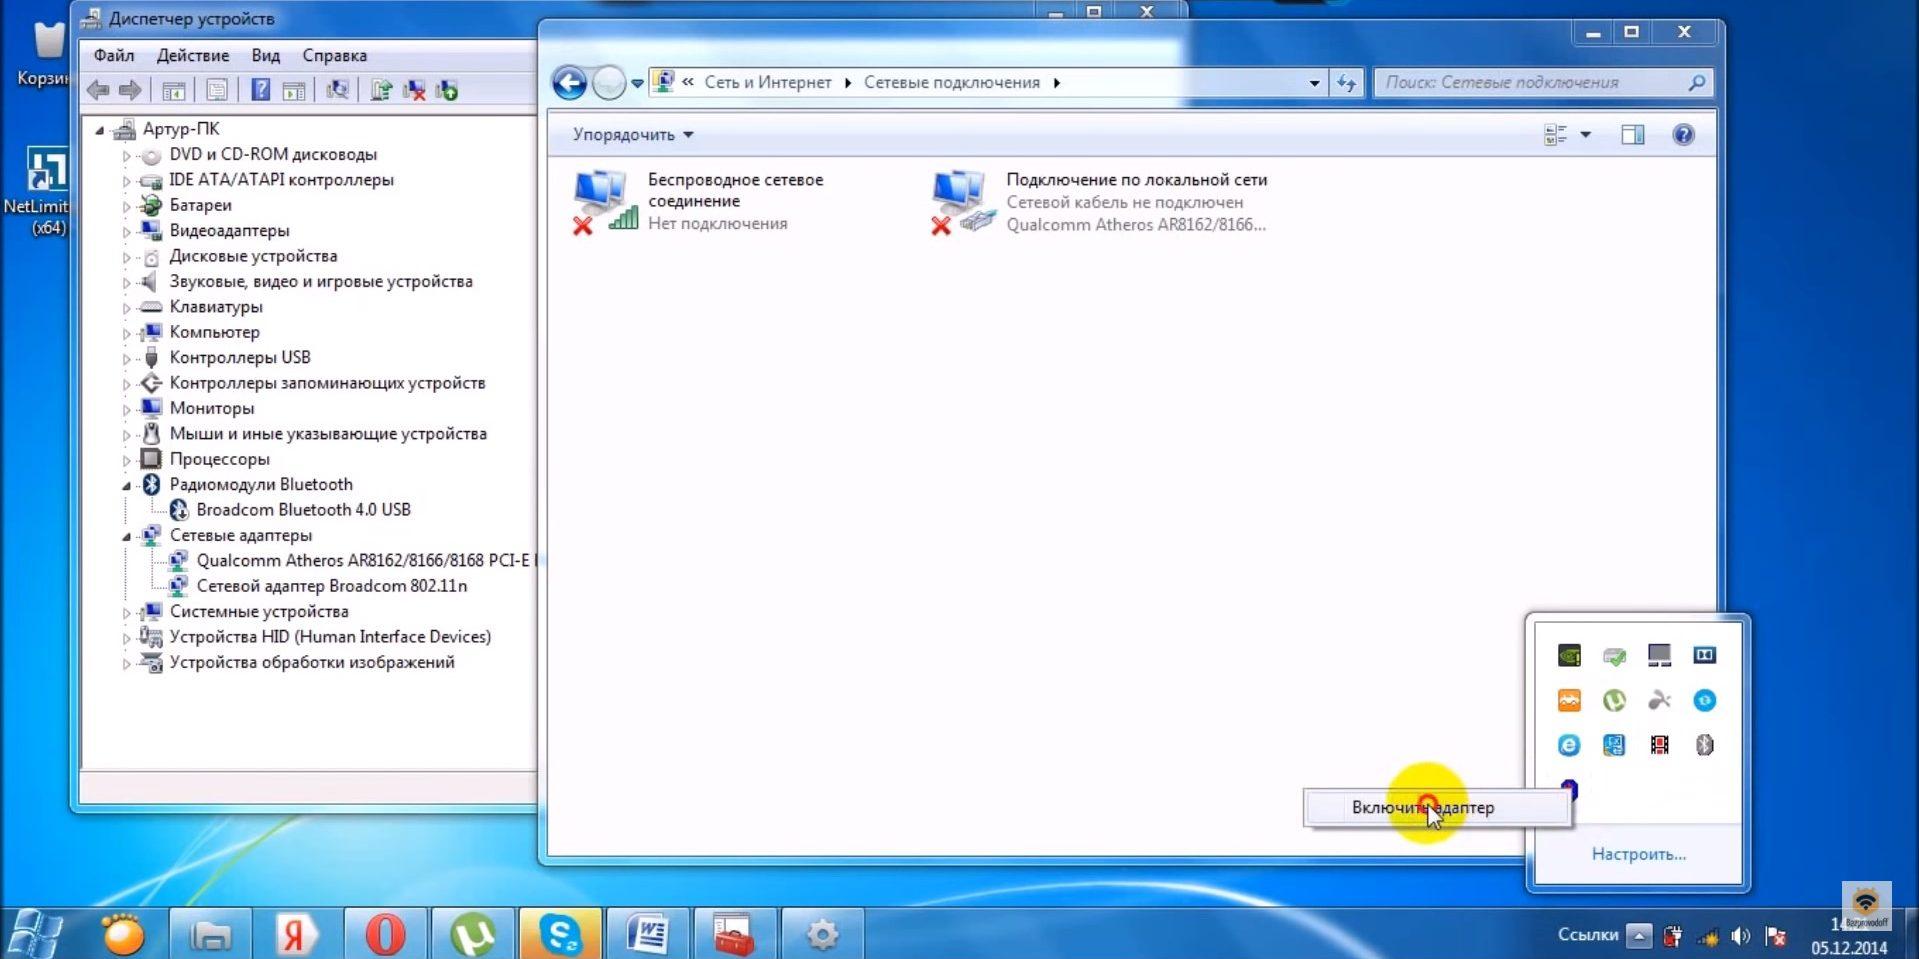 Как включить Bluetooth на ноутбуке: нажмите «Включить адаптер»